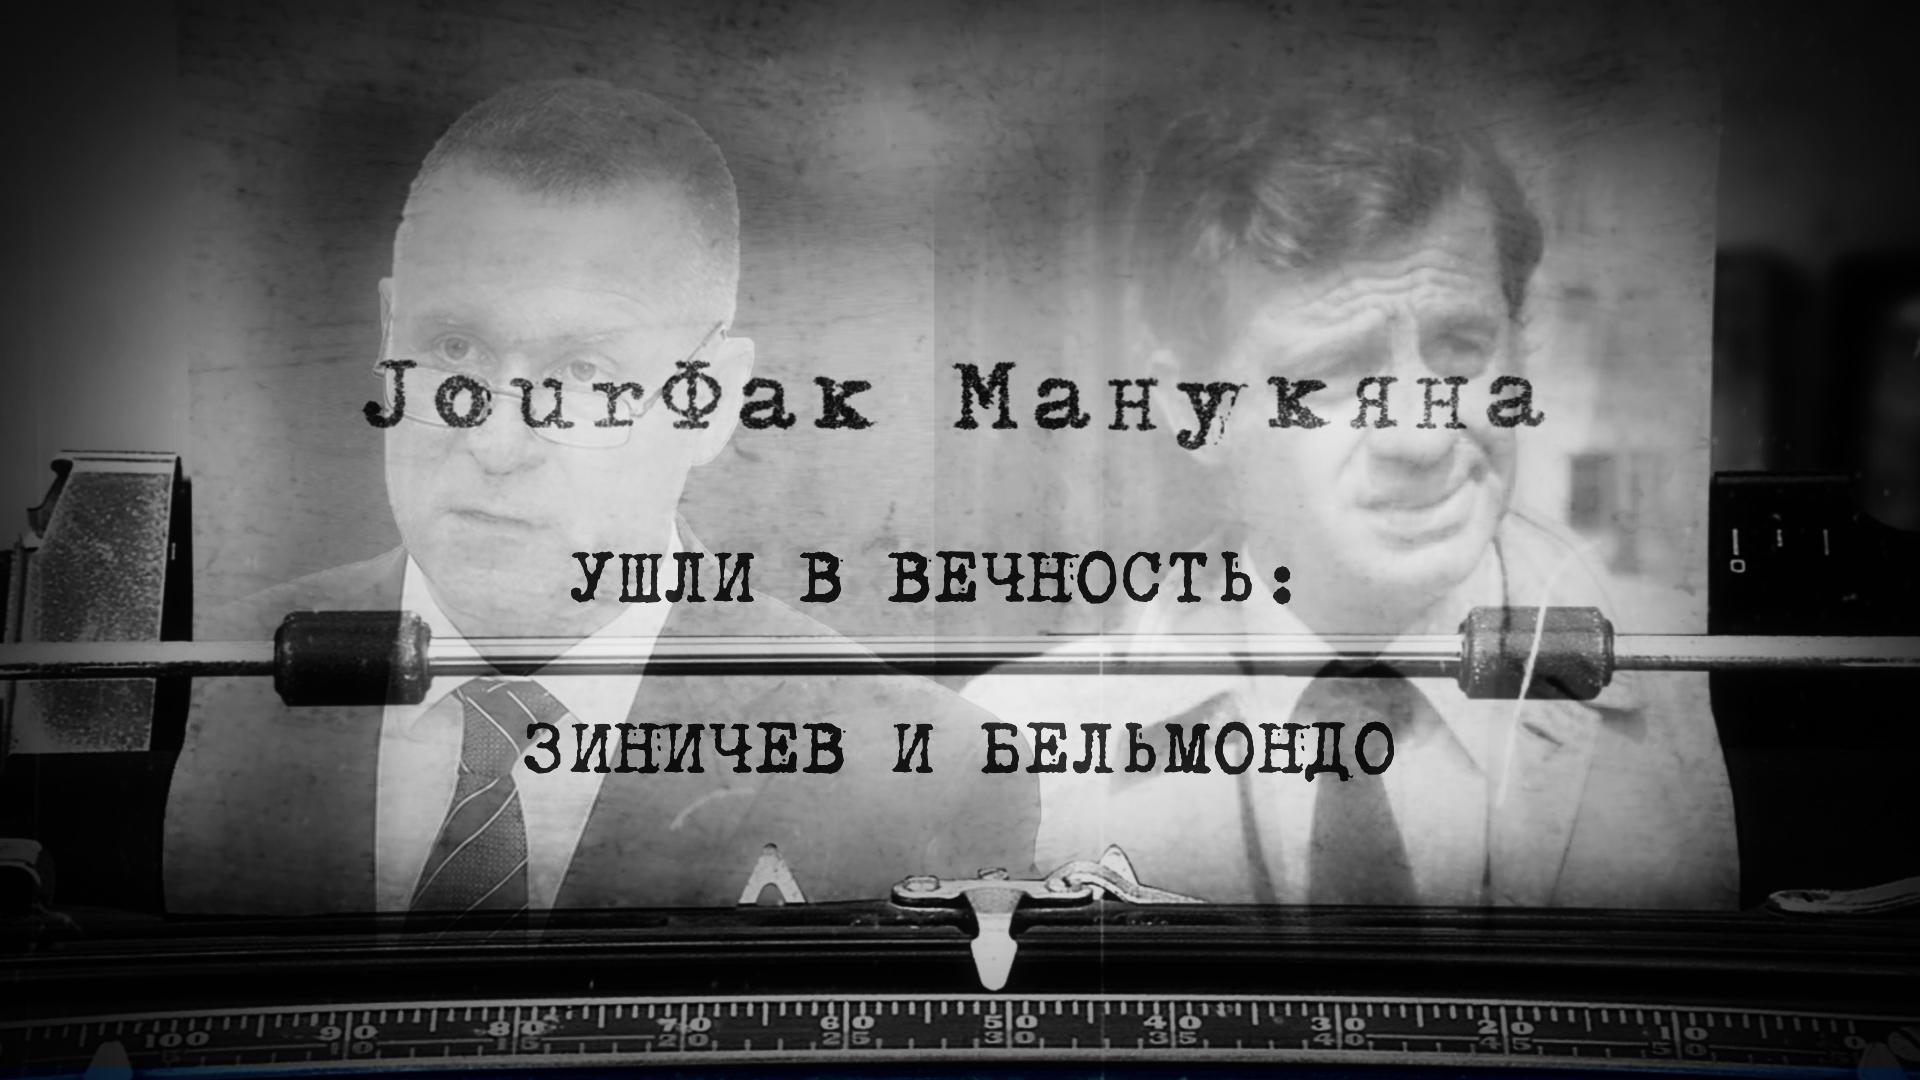 «JourФак Манукяна». Ушли в вечность: Зиничев и Бельмондо Общество